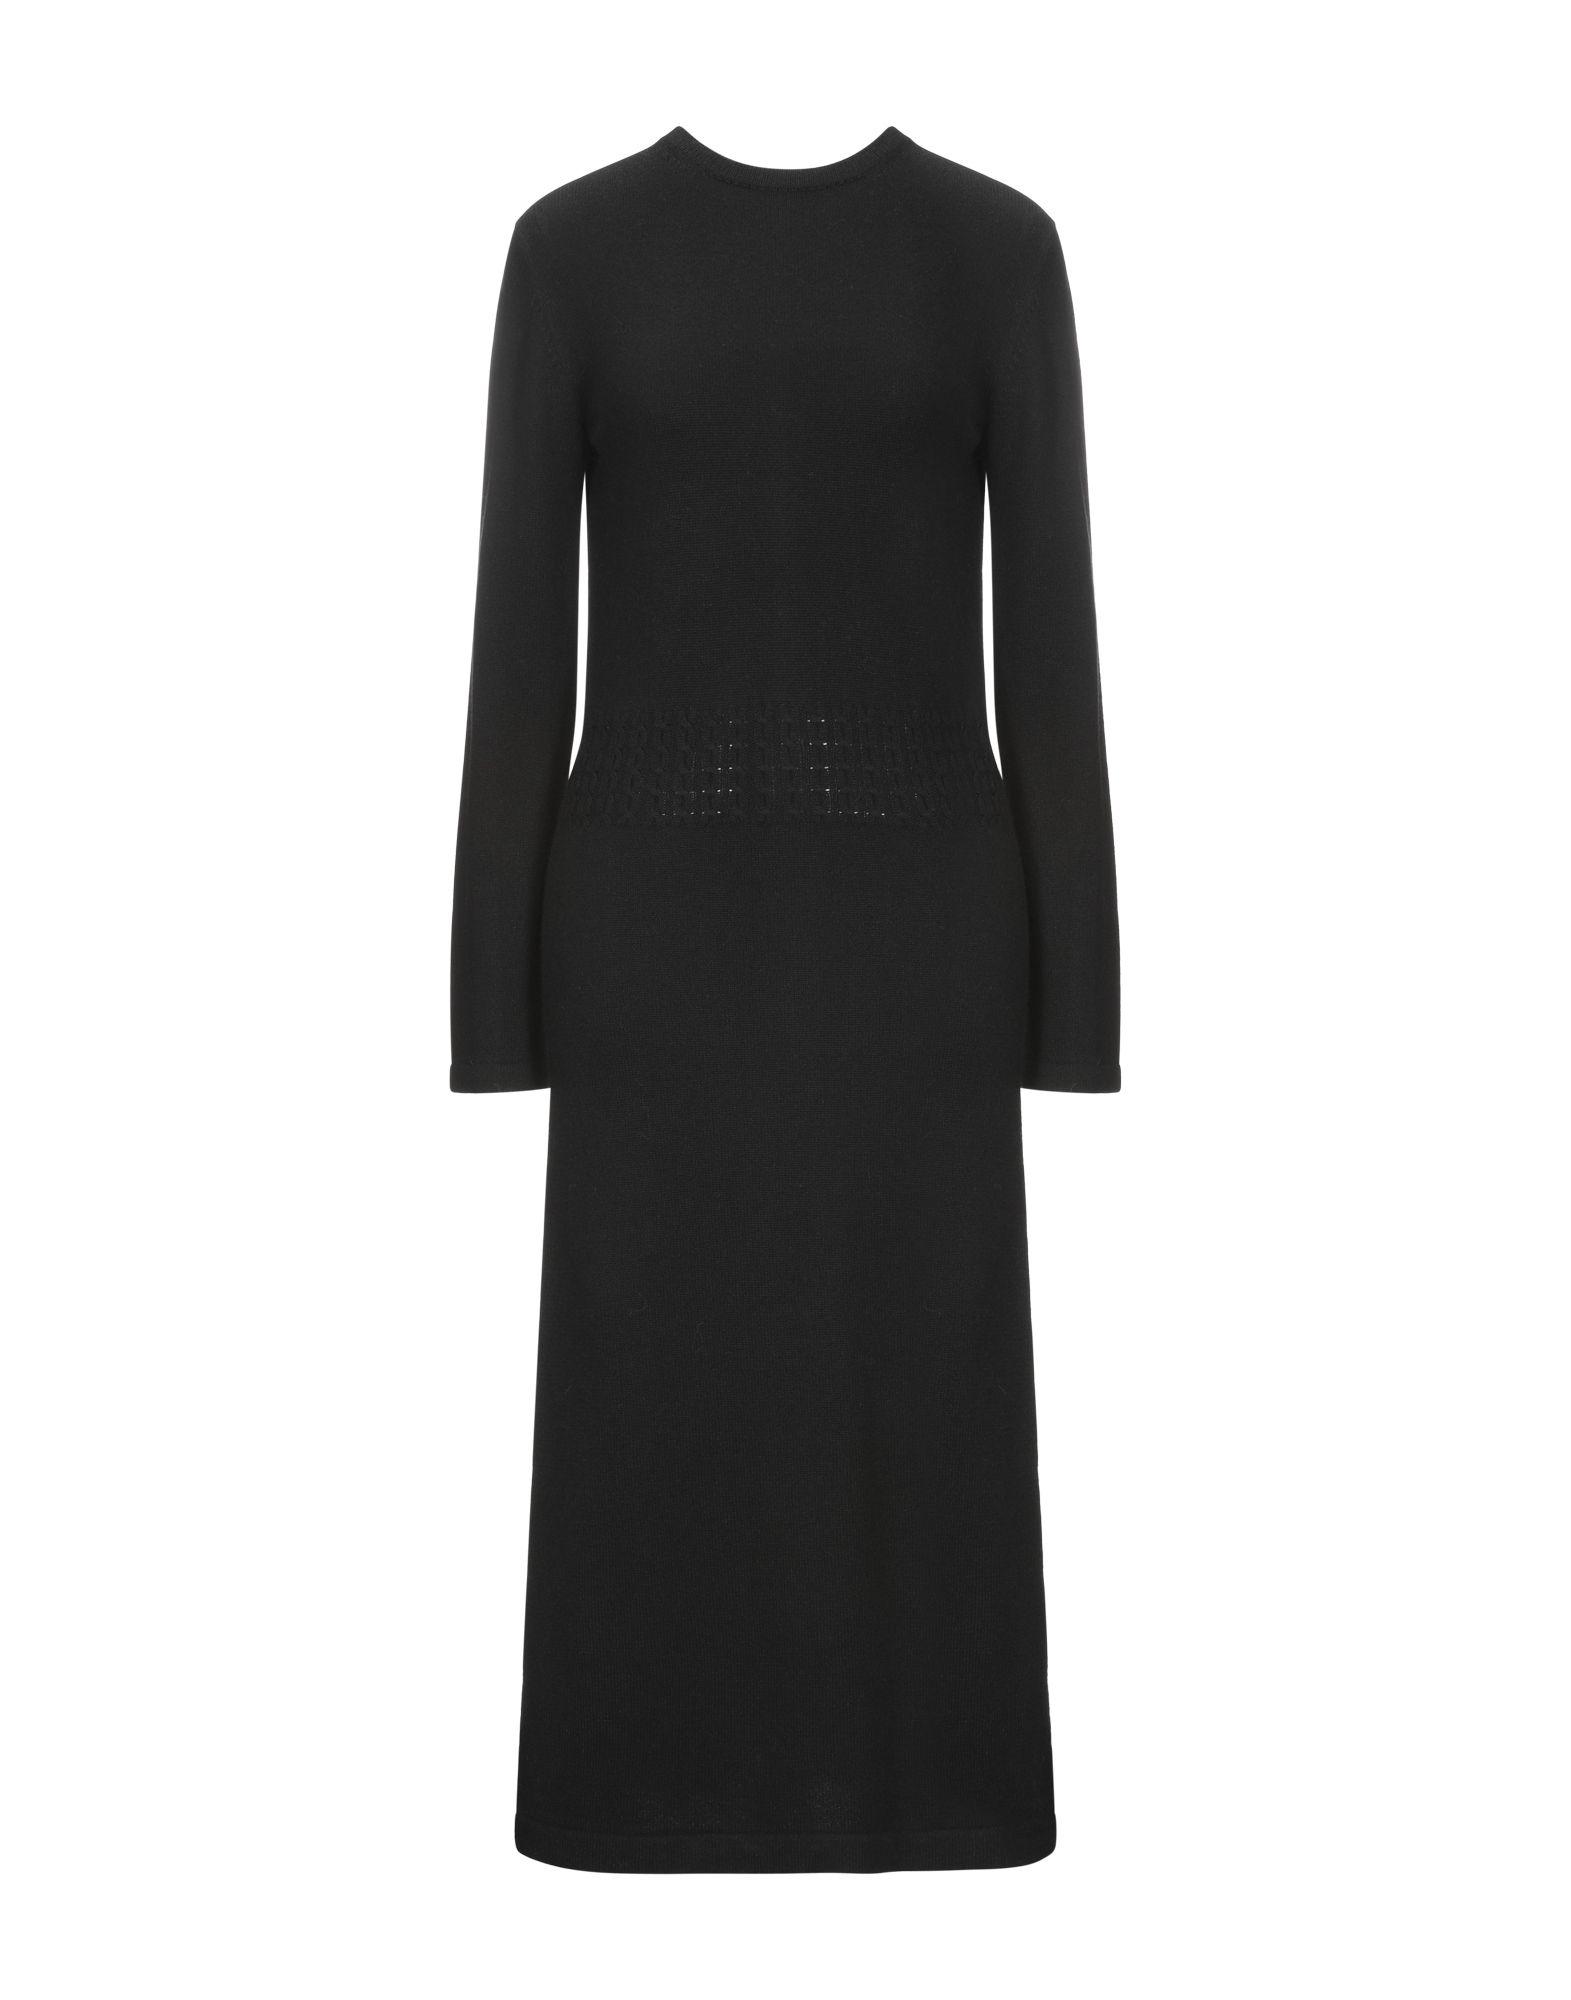 TUINCH ANTWERP Платье длиной 3/4 tuinch antwerp шарф